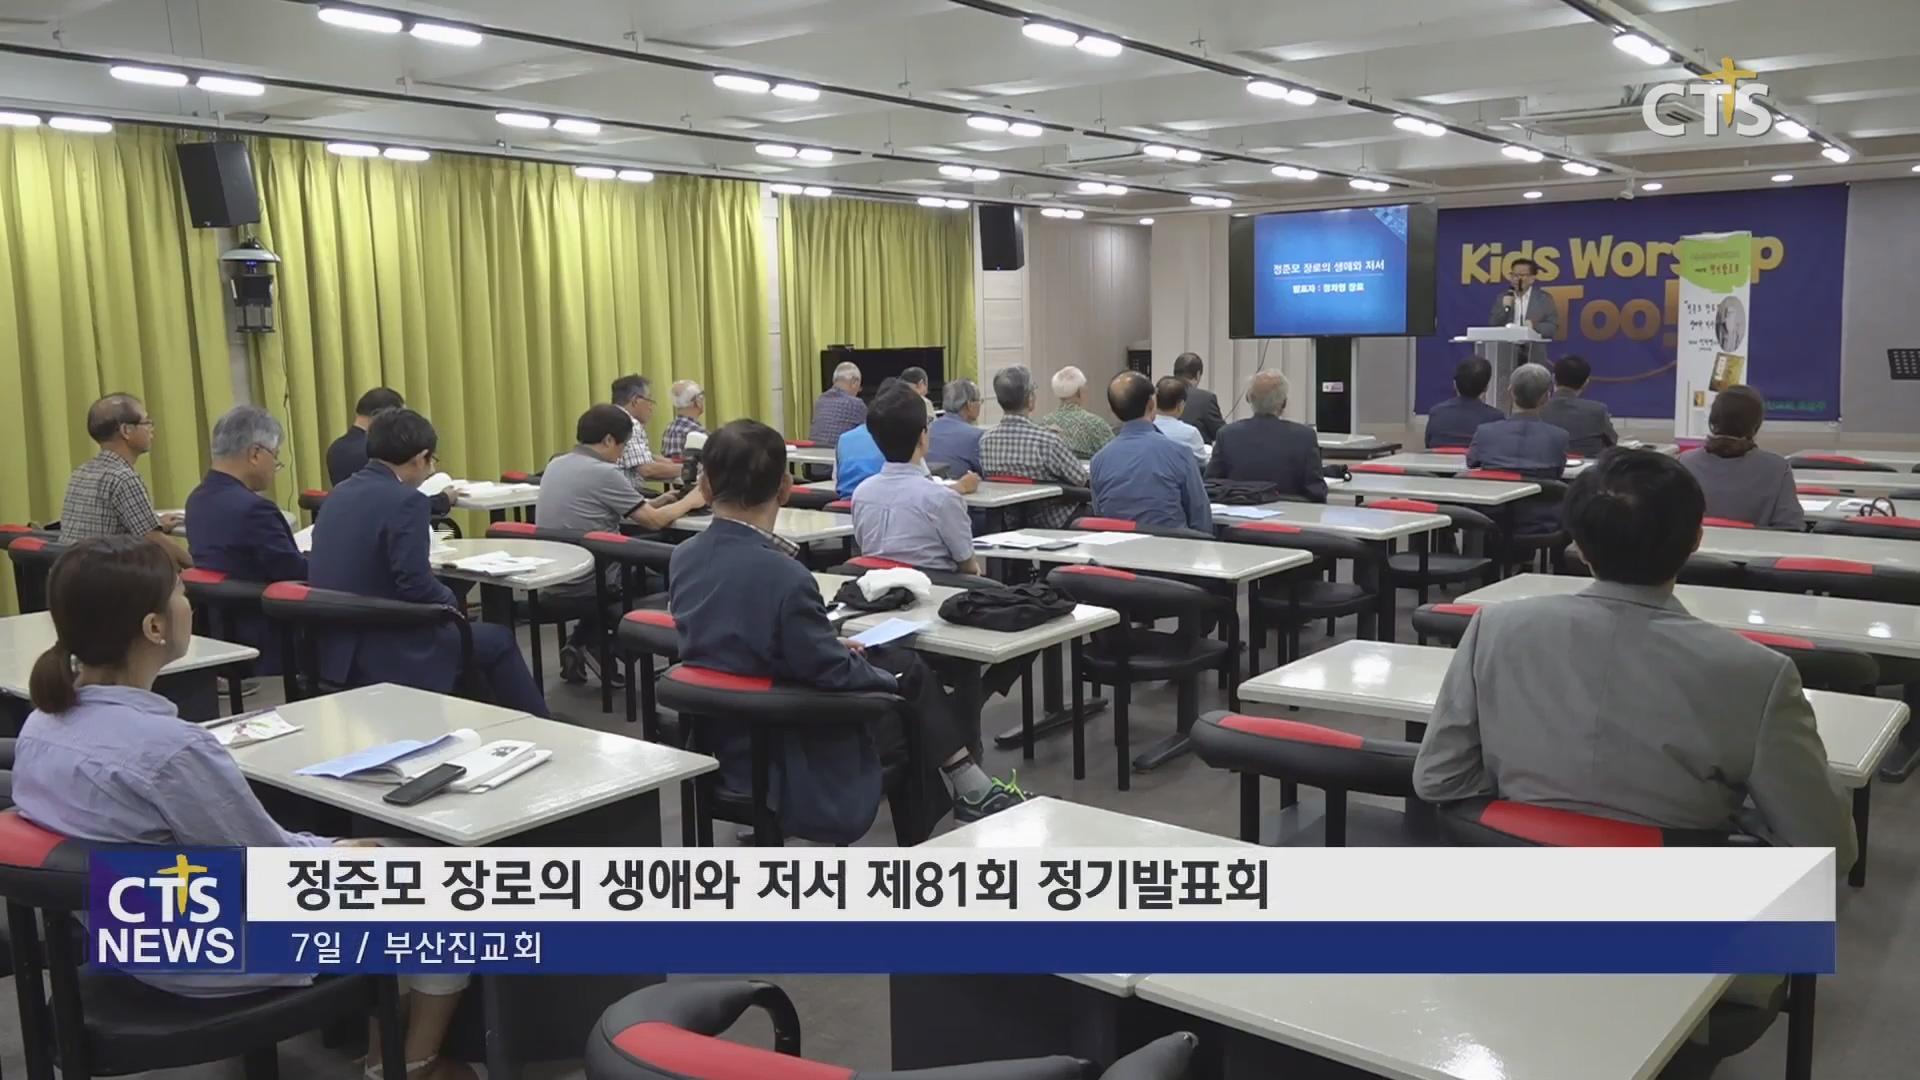 부산 경남 기독교역사연구회 제81회 정기발표회'정준모 장로의 생애와 저서'